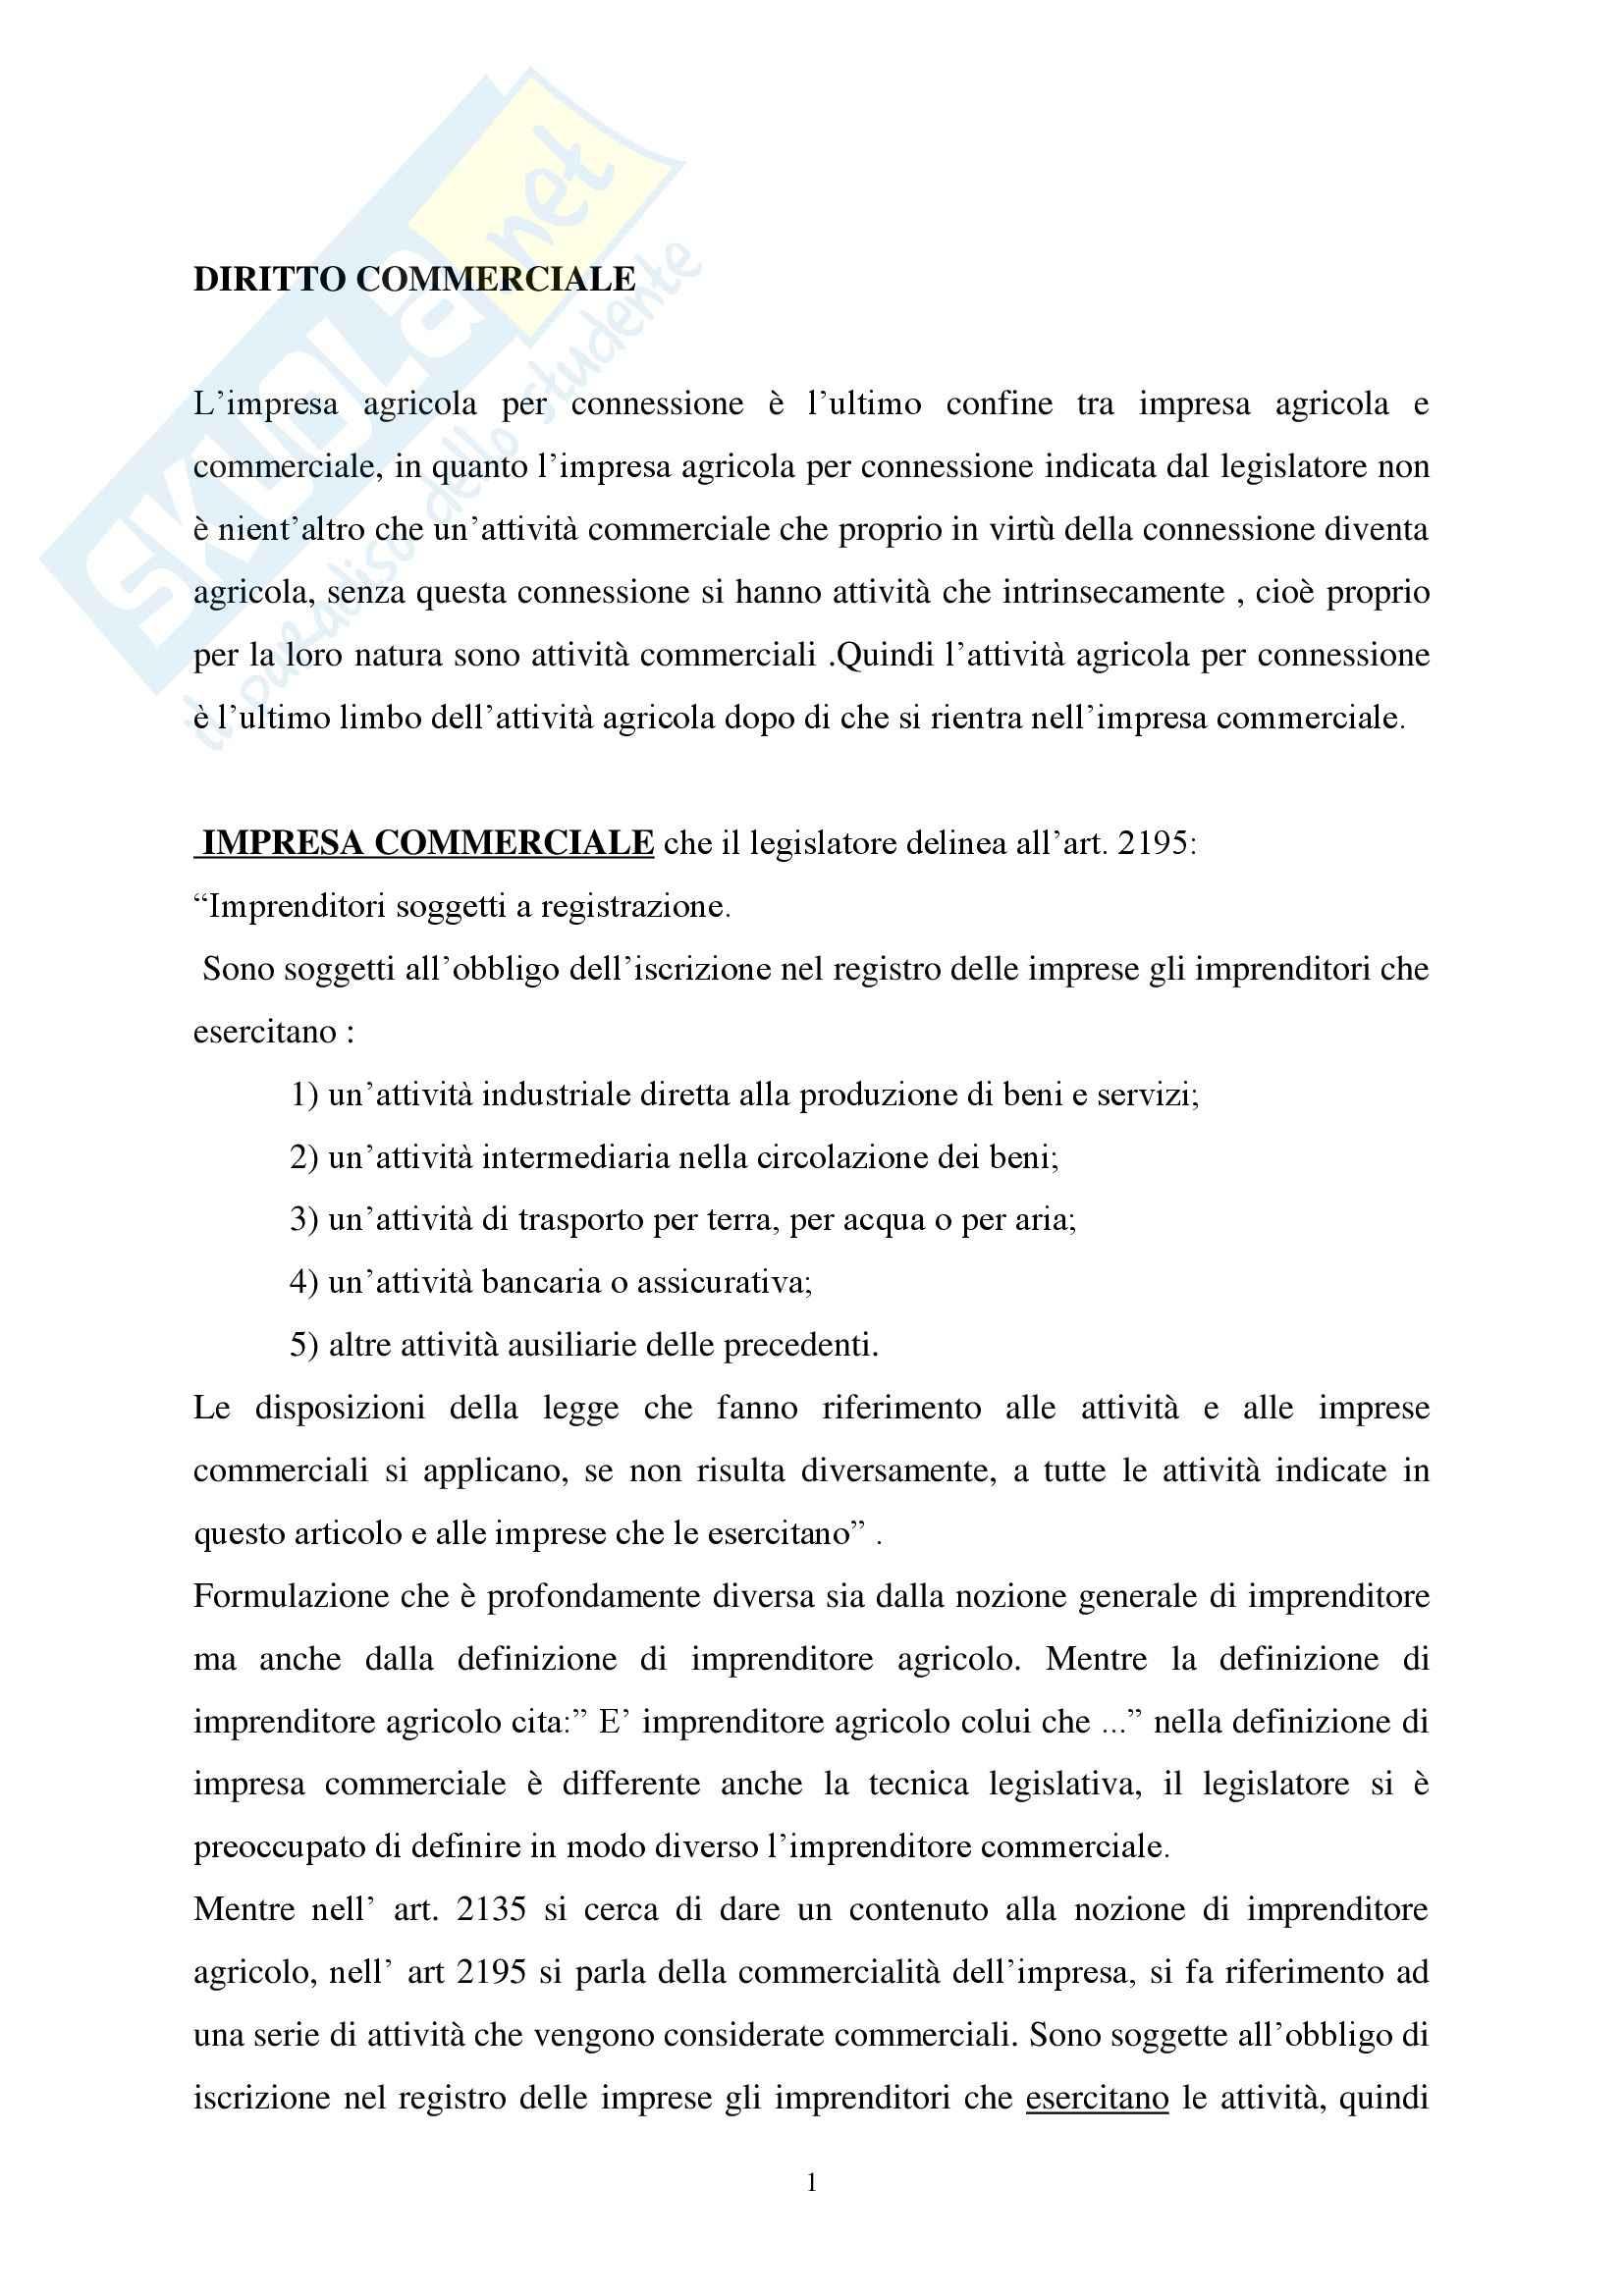 Diritto Commerciale - Riassunto esame, prof. Barcellona